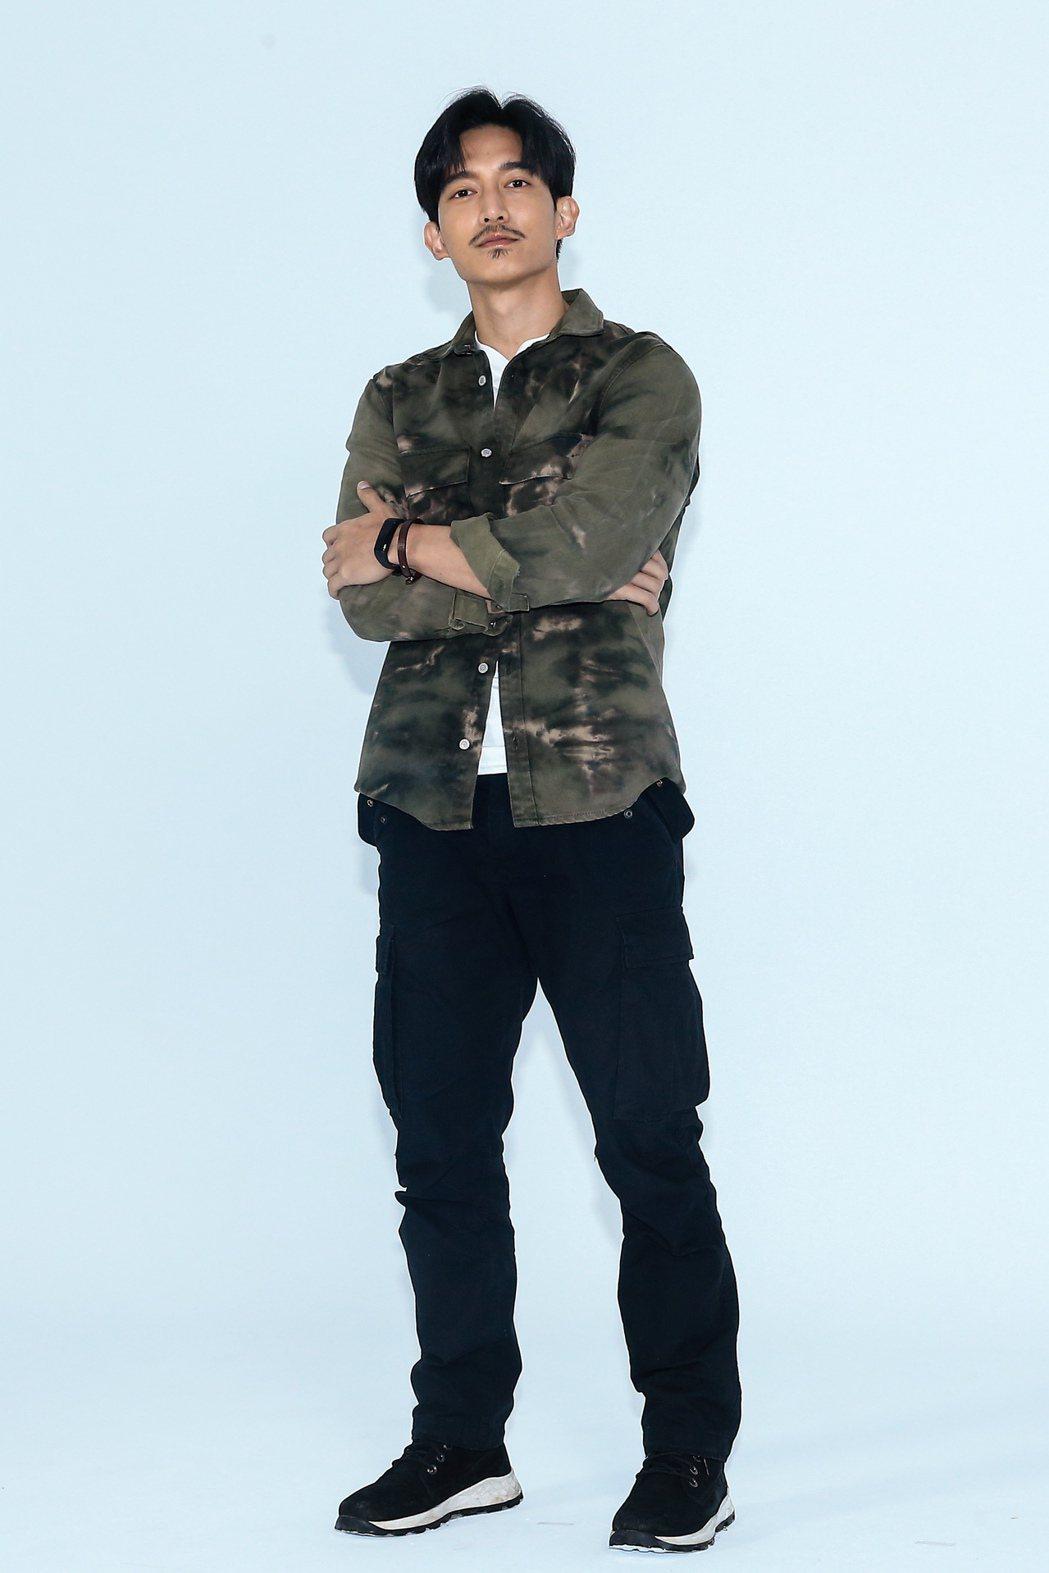 《黑喵知情》舉行媒體探班,演員王家梁在劇中飾演法國傭兵。記者林伯東/攝影